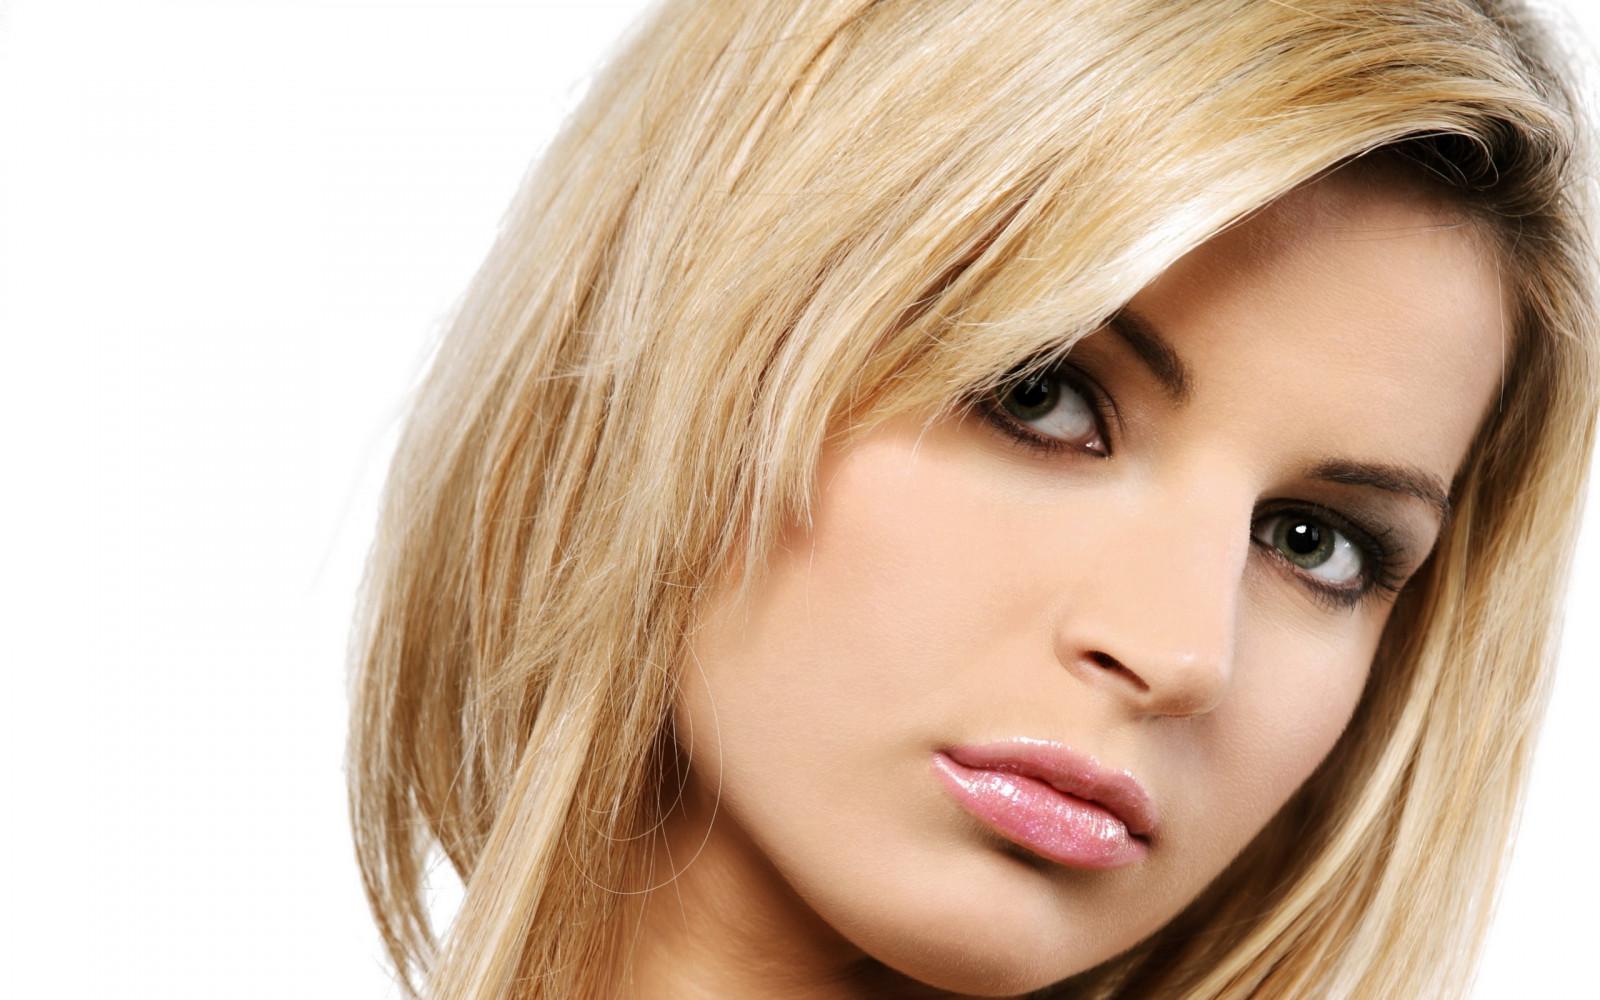 Какой цвет волос подойдет к зелено-карим глазам и светлой коже фото